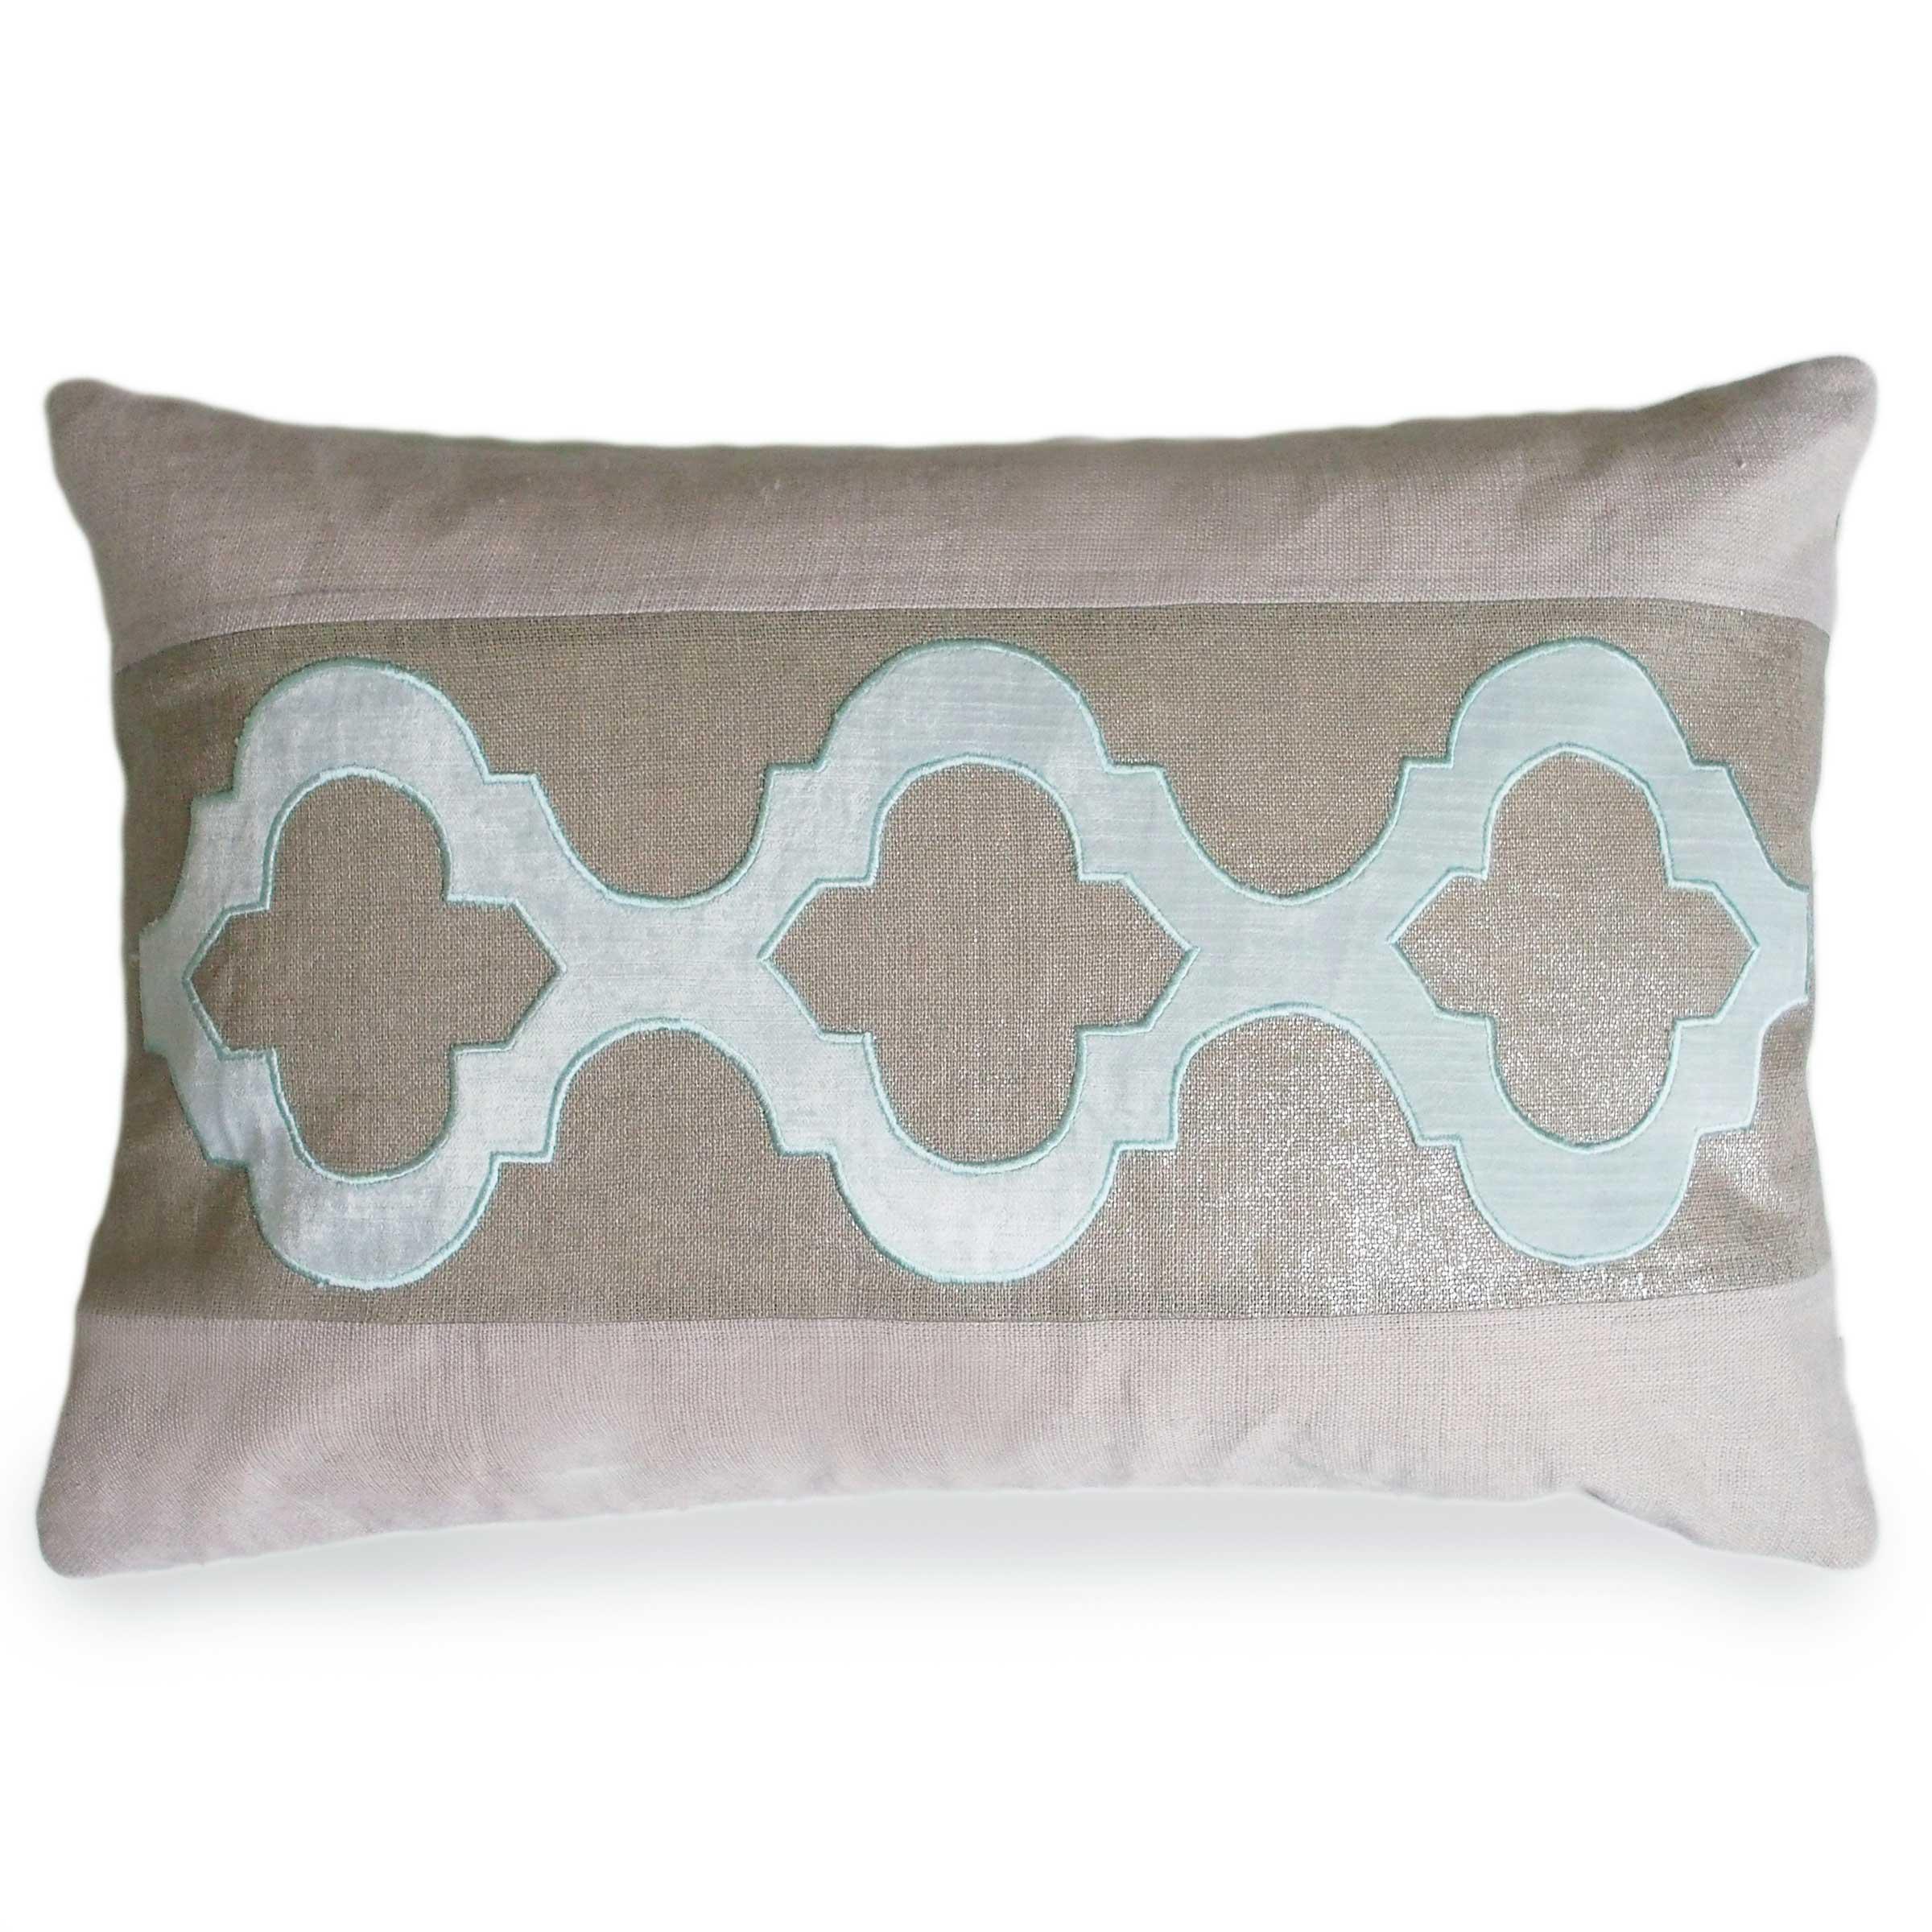 Pacific Blue CeeCee Linen Pillow - Donjenna